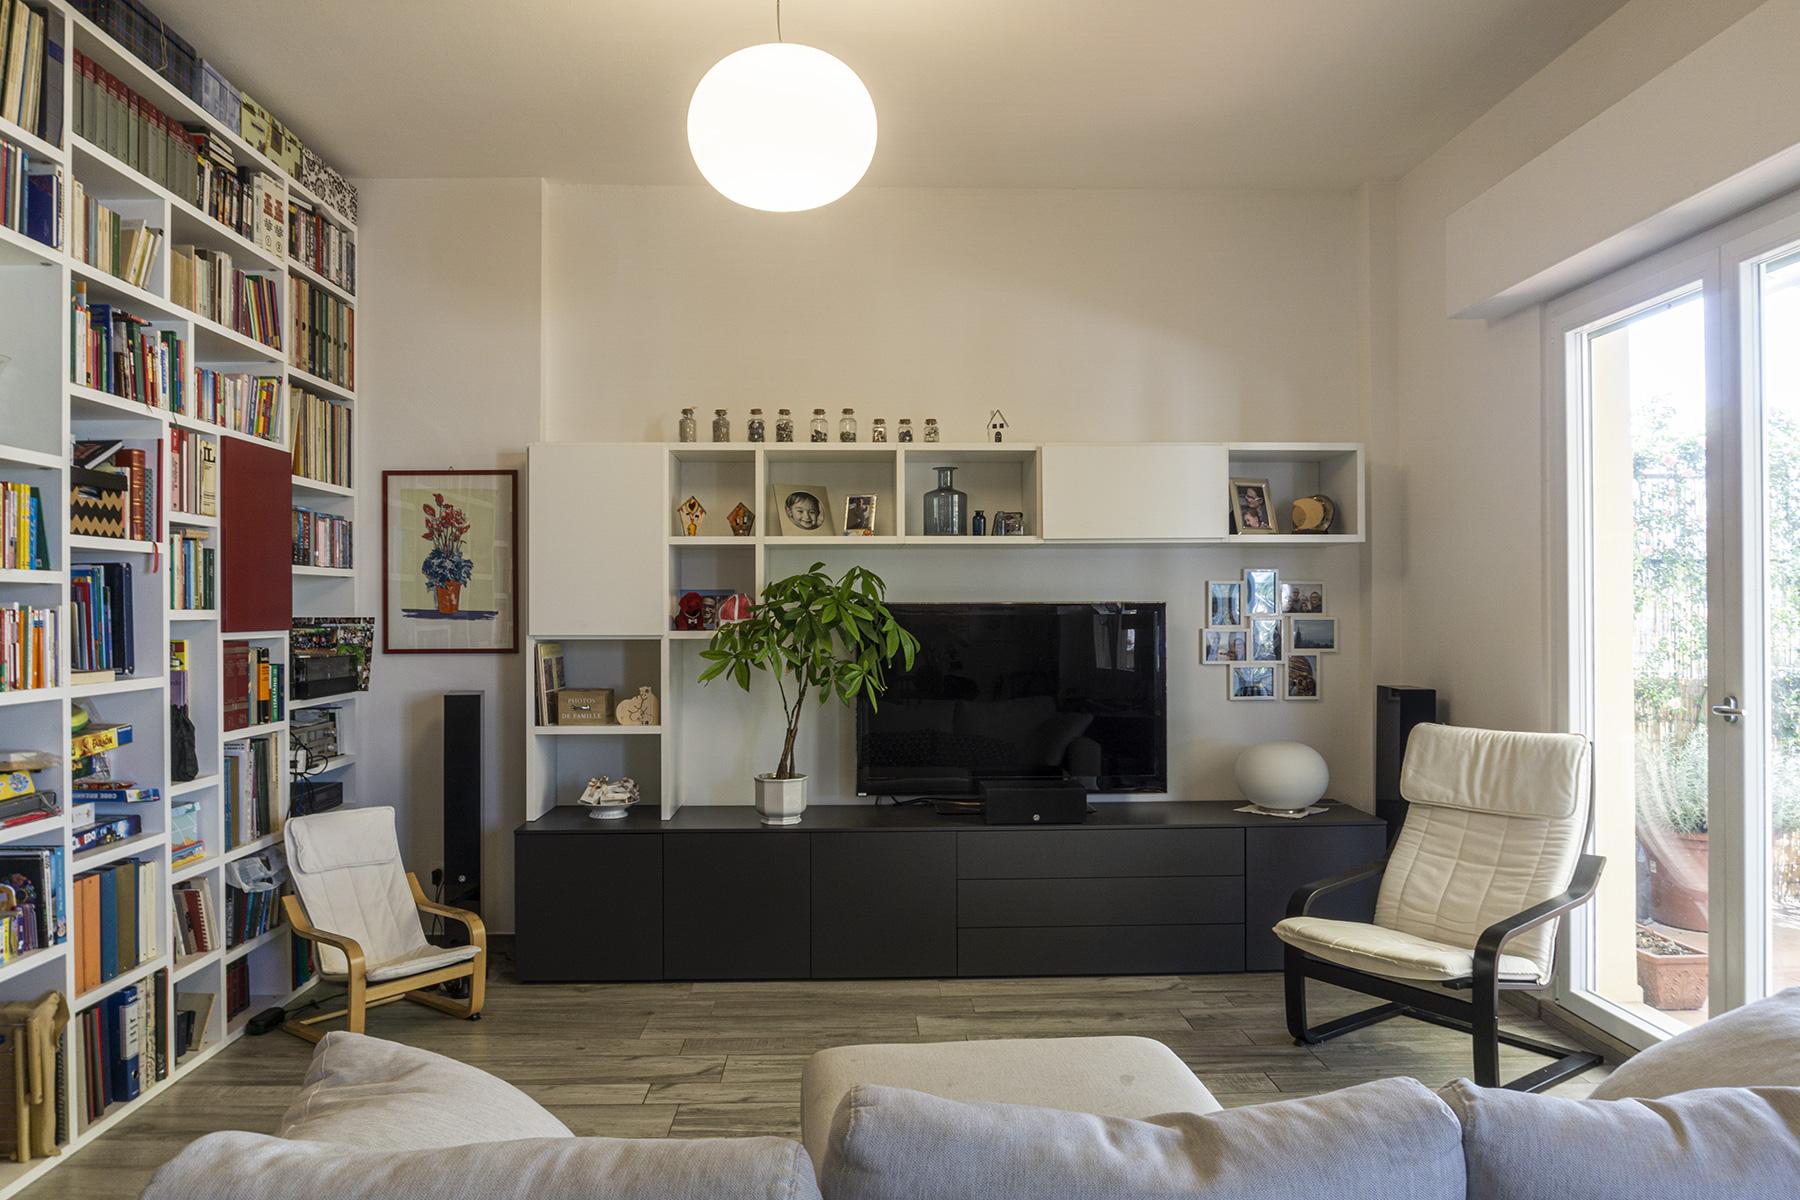 CASA MP - Dettaglio zona soggiorno con mobile tv, divano e poltrone colori chiari, lampada a sospensione - Tommaso Vecci